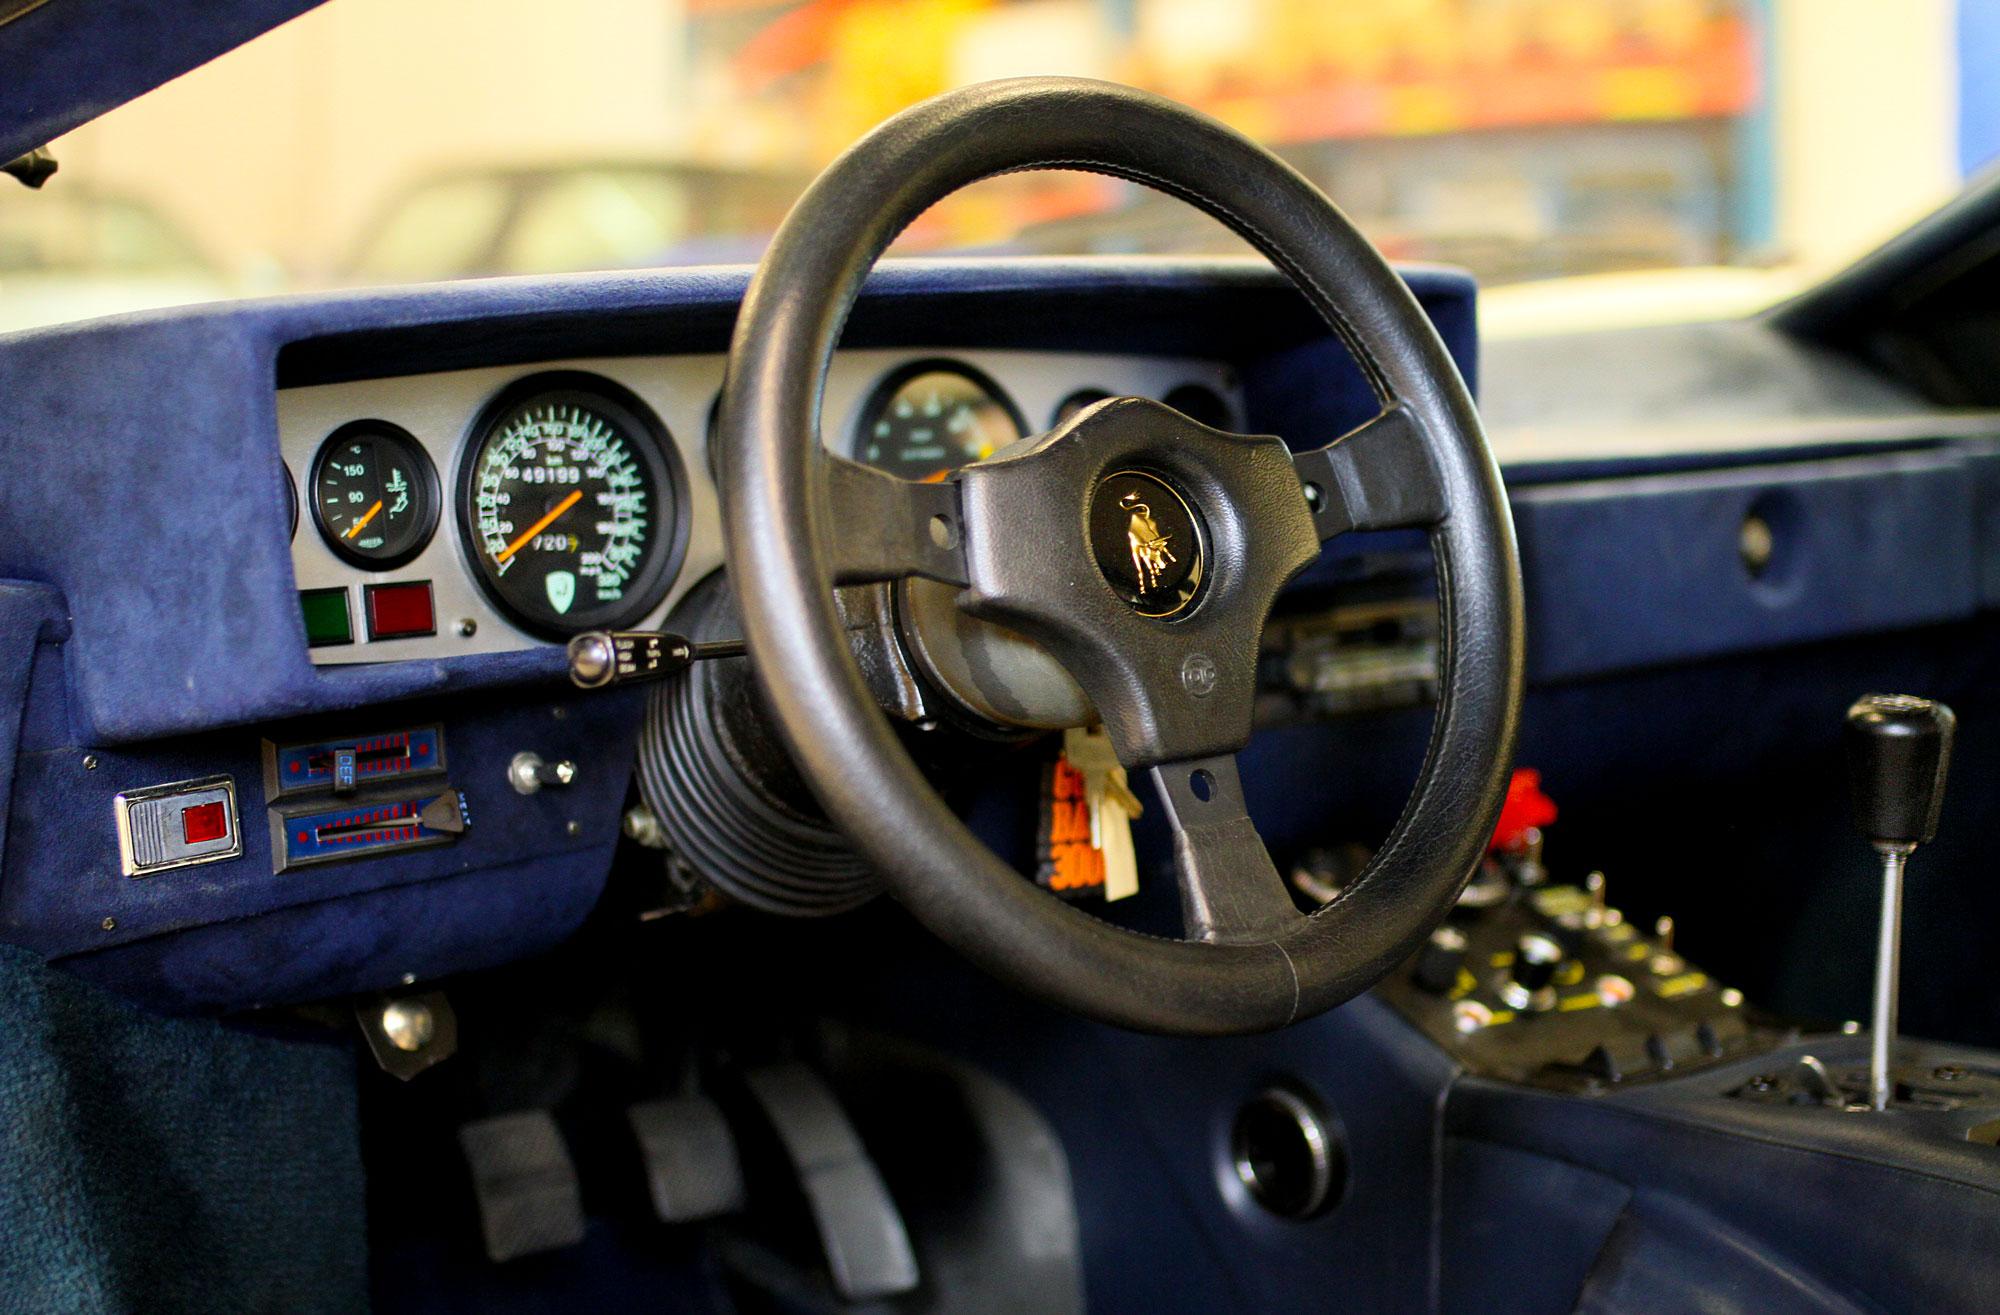 Lamborghini Countach Blå Inredning Läder Mocka med röd avfyrningsknapp